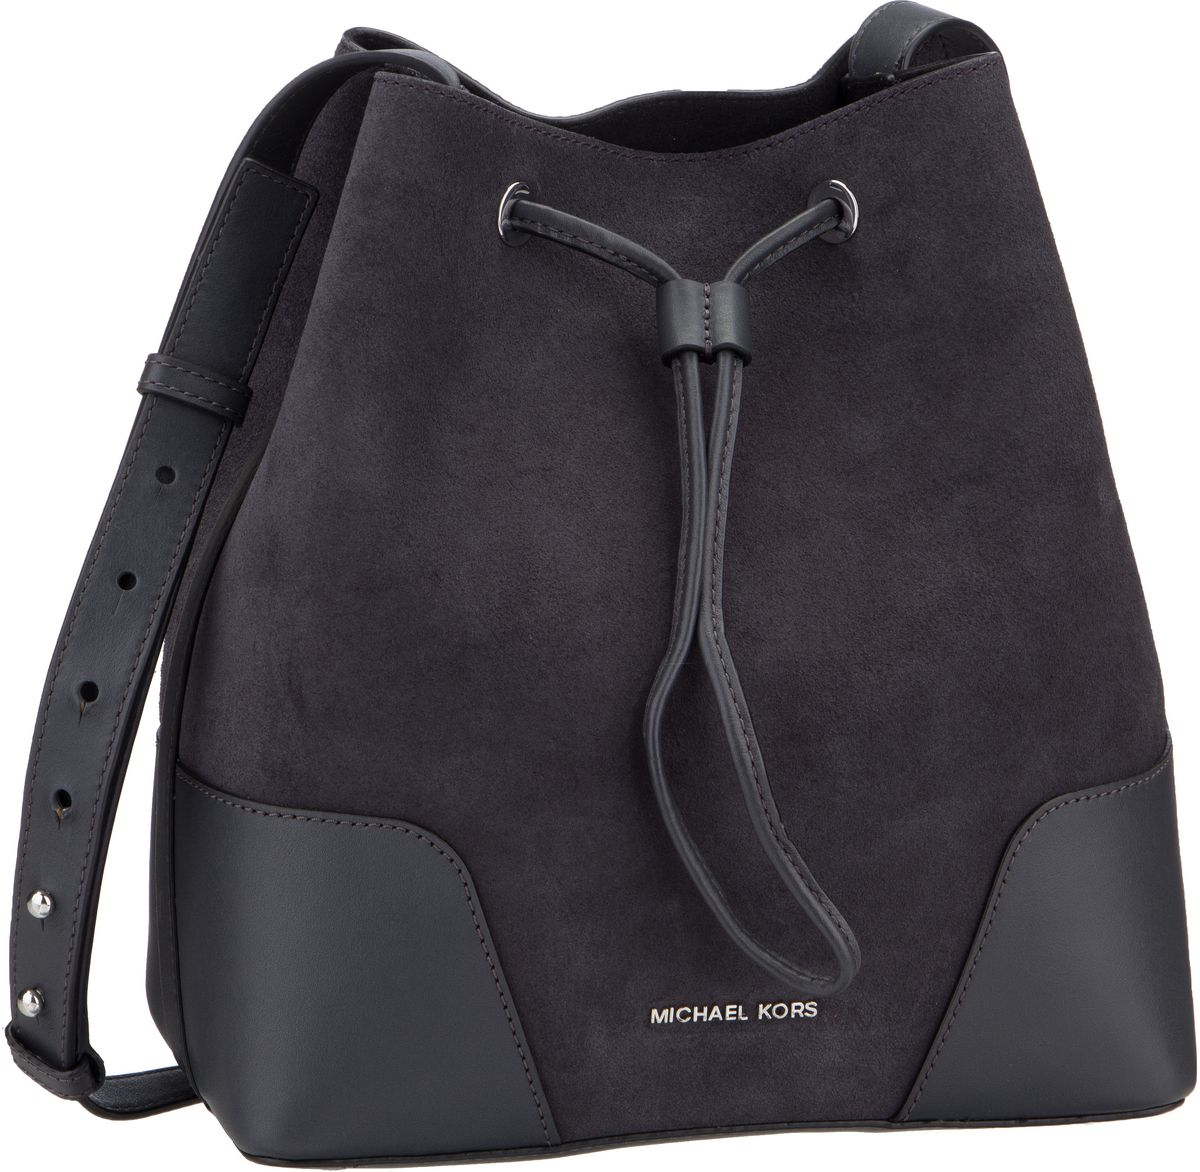 Michael Kors Handtasche Cary Medium Bucket Bag Suede Charcoal